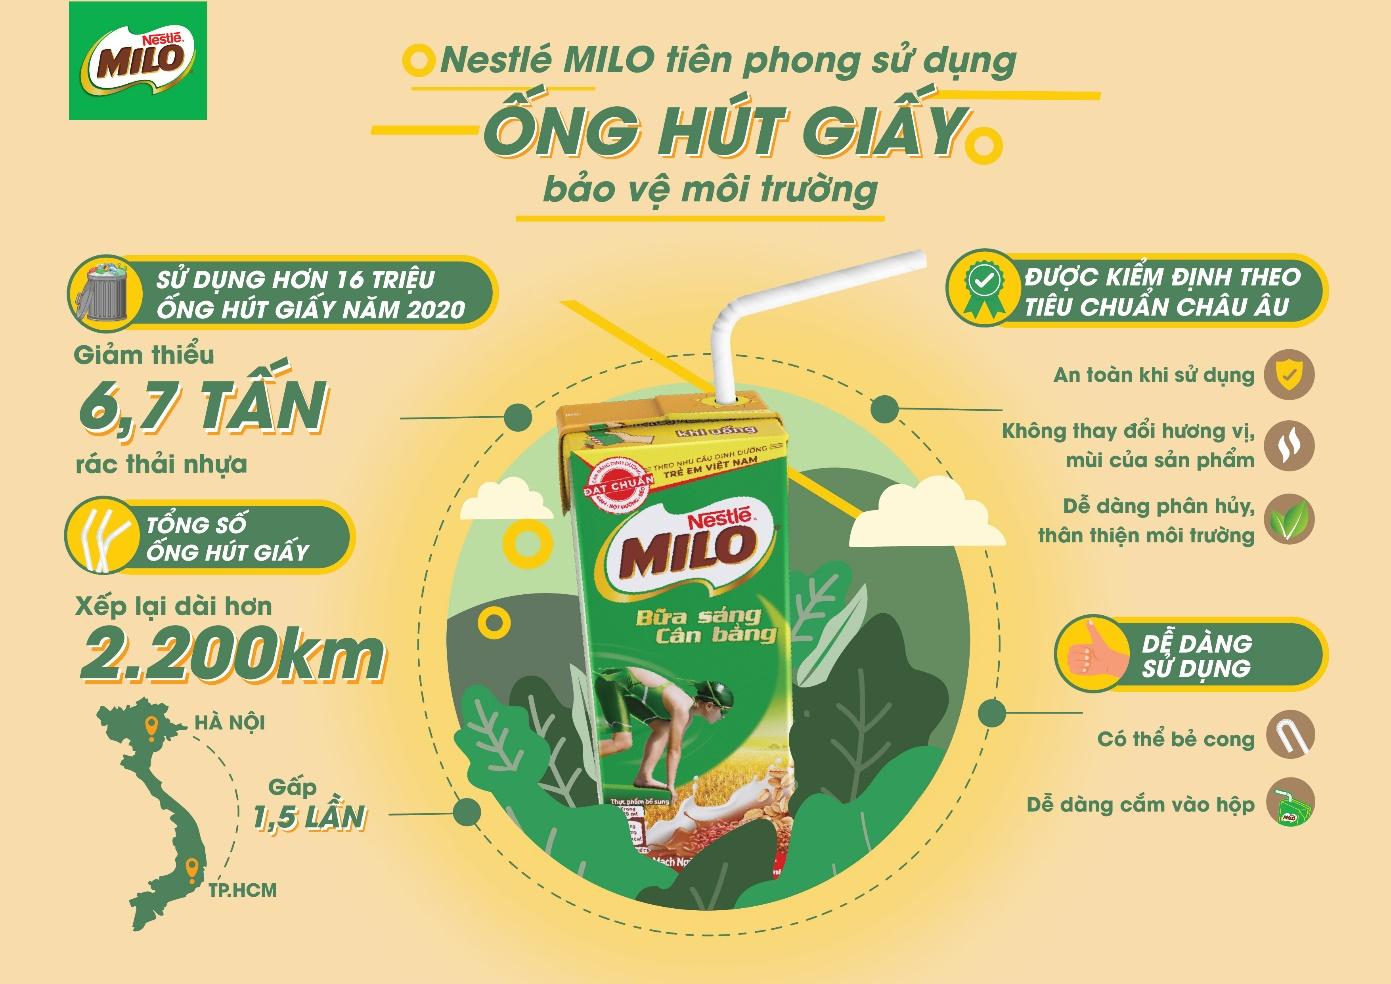 Nestlé Milo tiên phong sử dụng ống hút giấy bảo vệ môi trường  - Ảnh 4